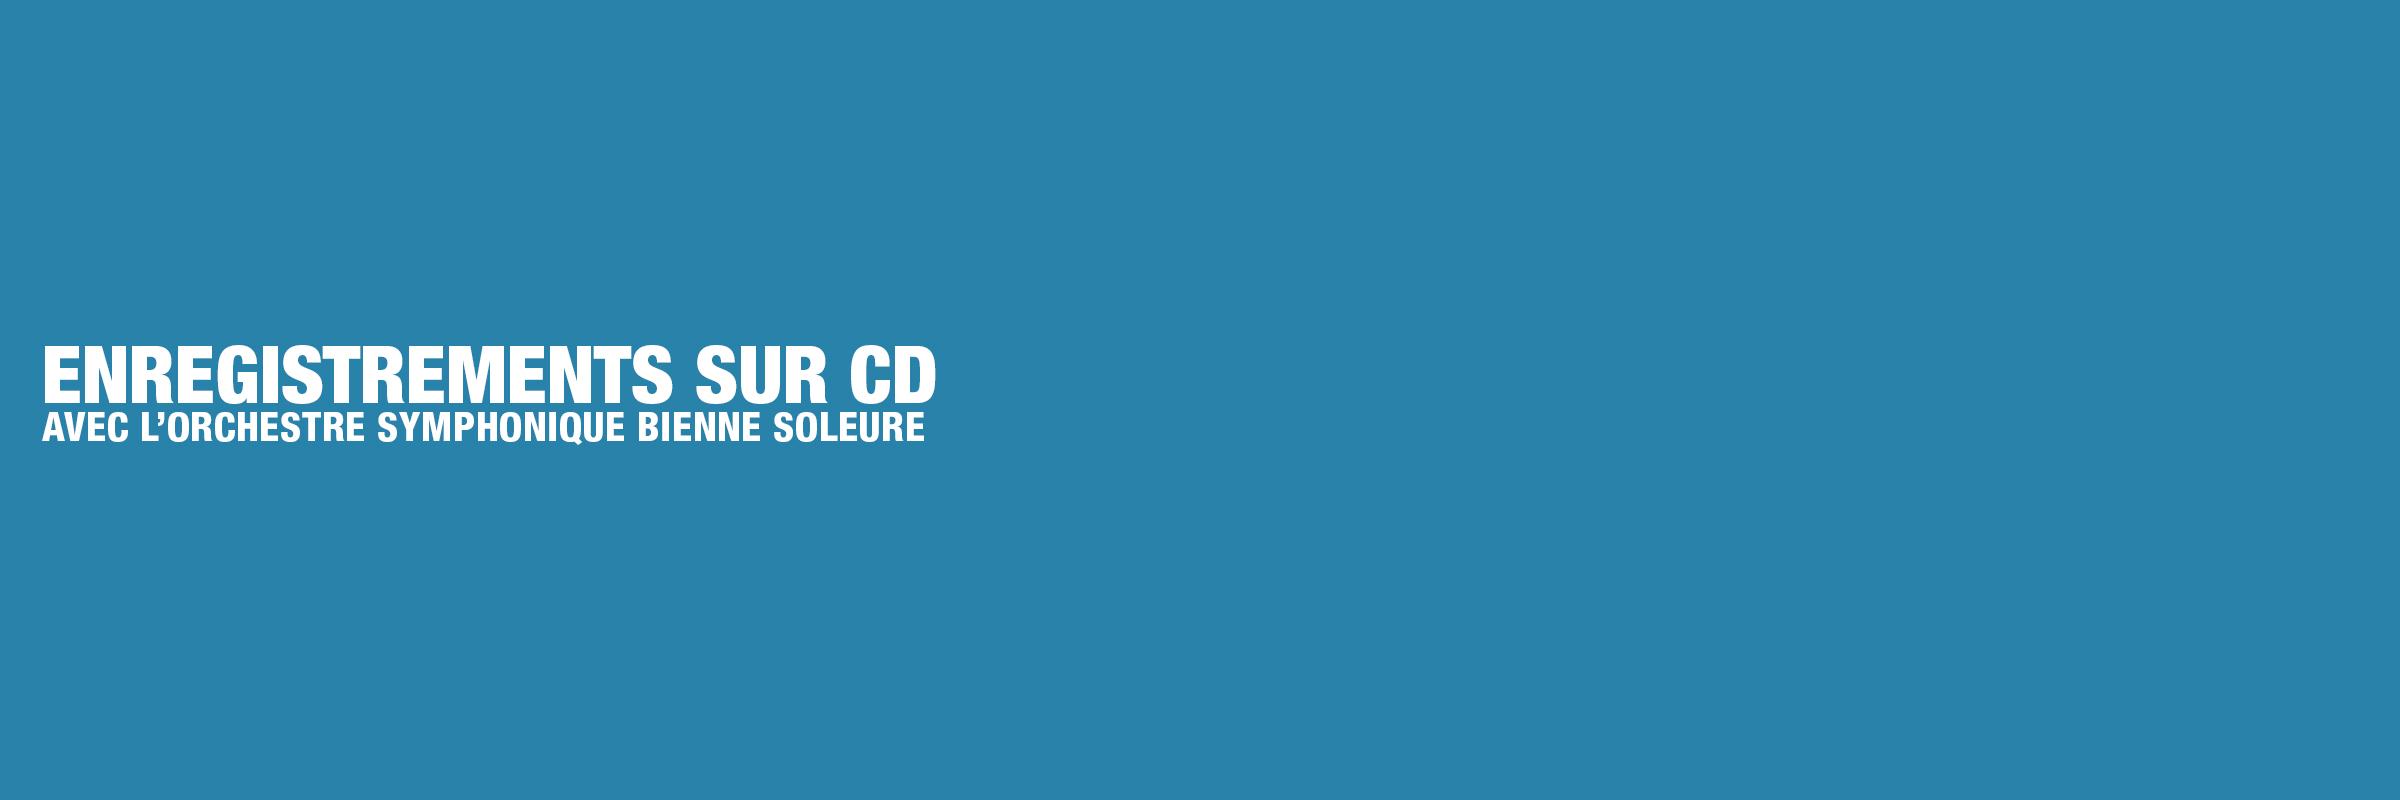 CD-Einspielungen